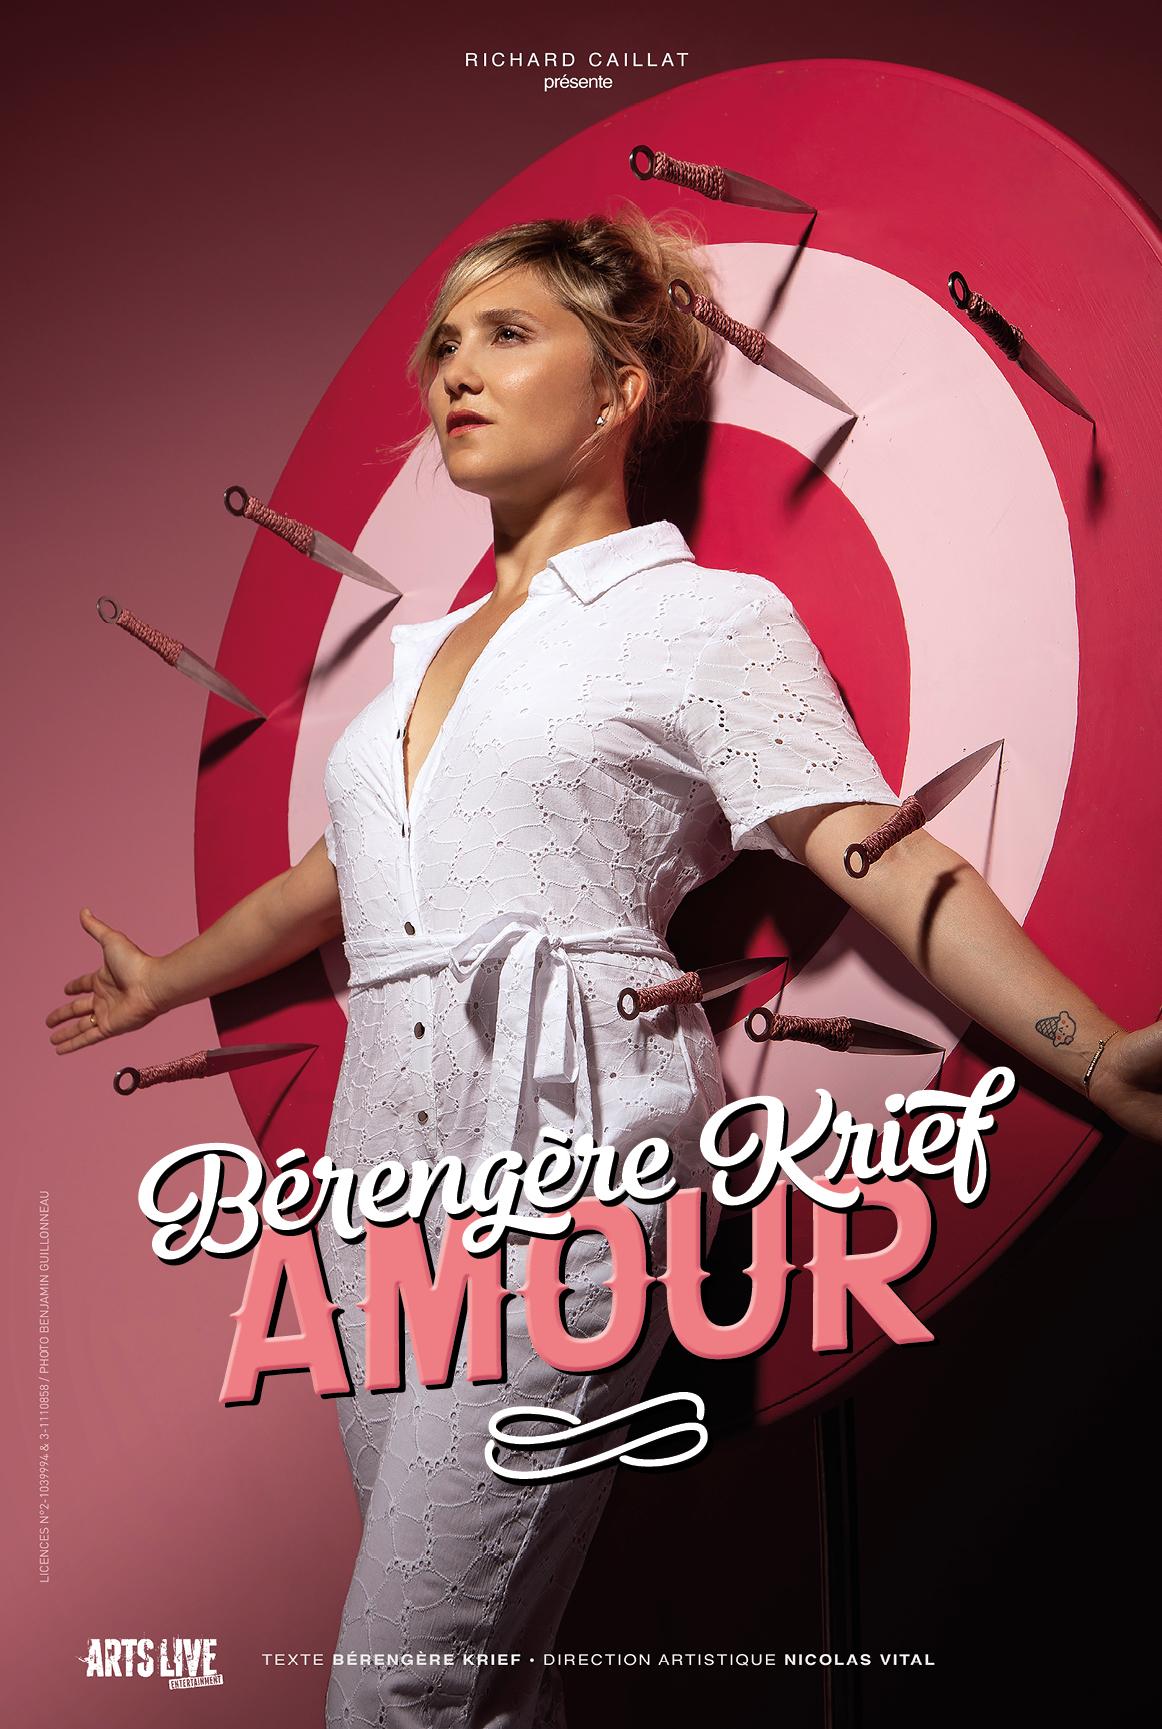 Bérengère Krief en spectacle à La Baule. Un spectacle chargé d'amour et d'humour, en co production avec La Compagnie du café théâtre de Nantes.